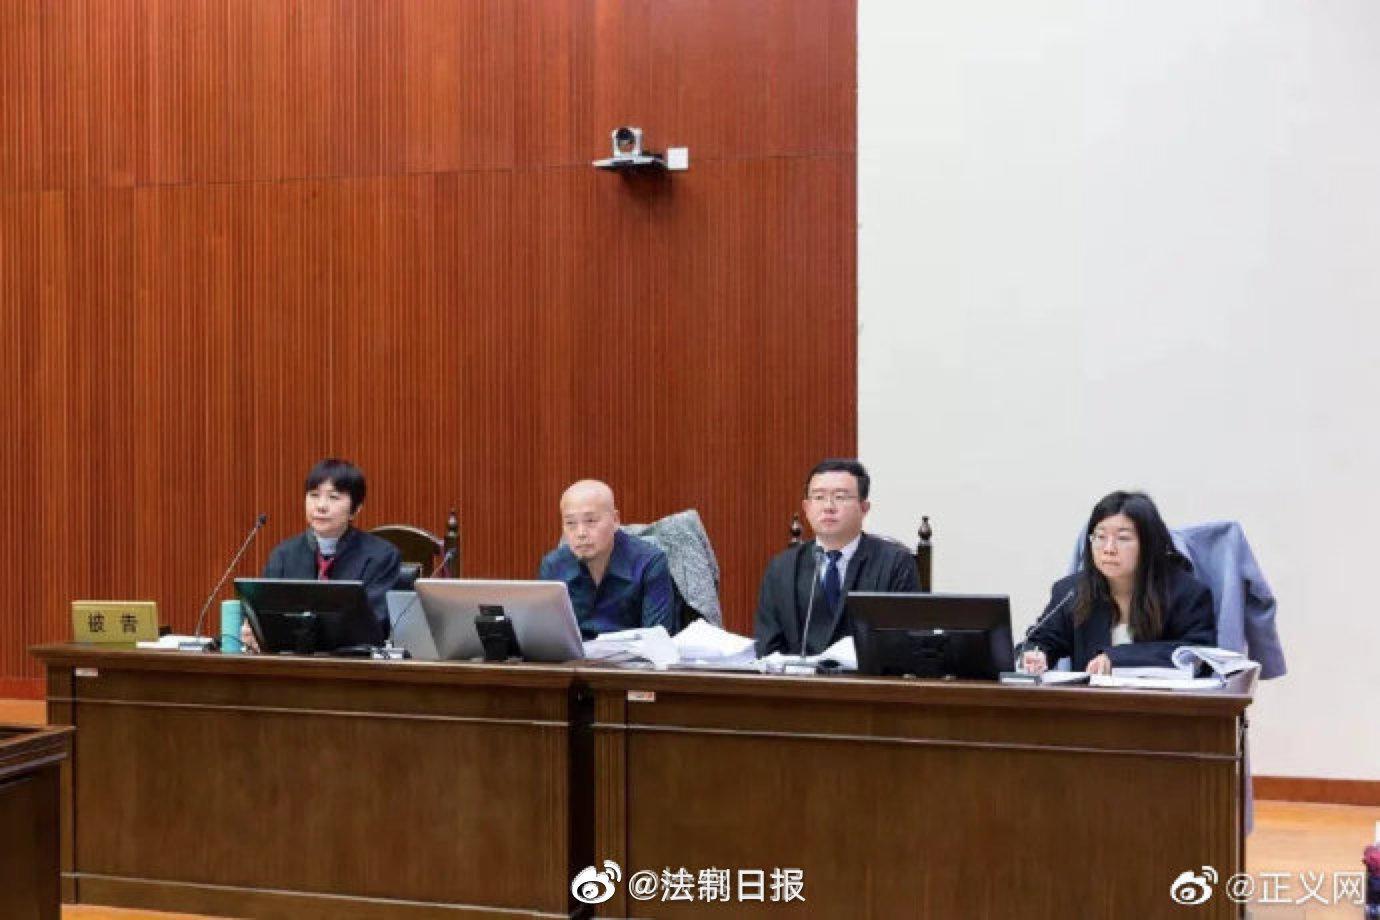 8家KTV公司诉音著协一审宣判:证据不能证实音著协实施垄断